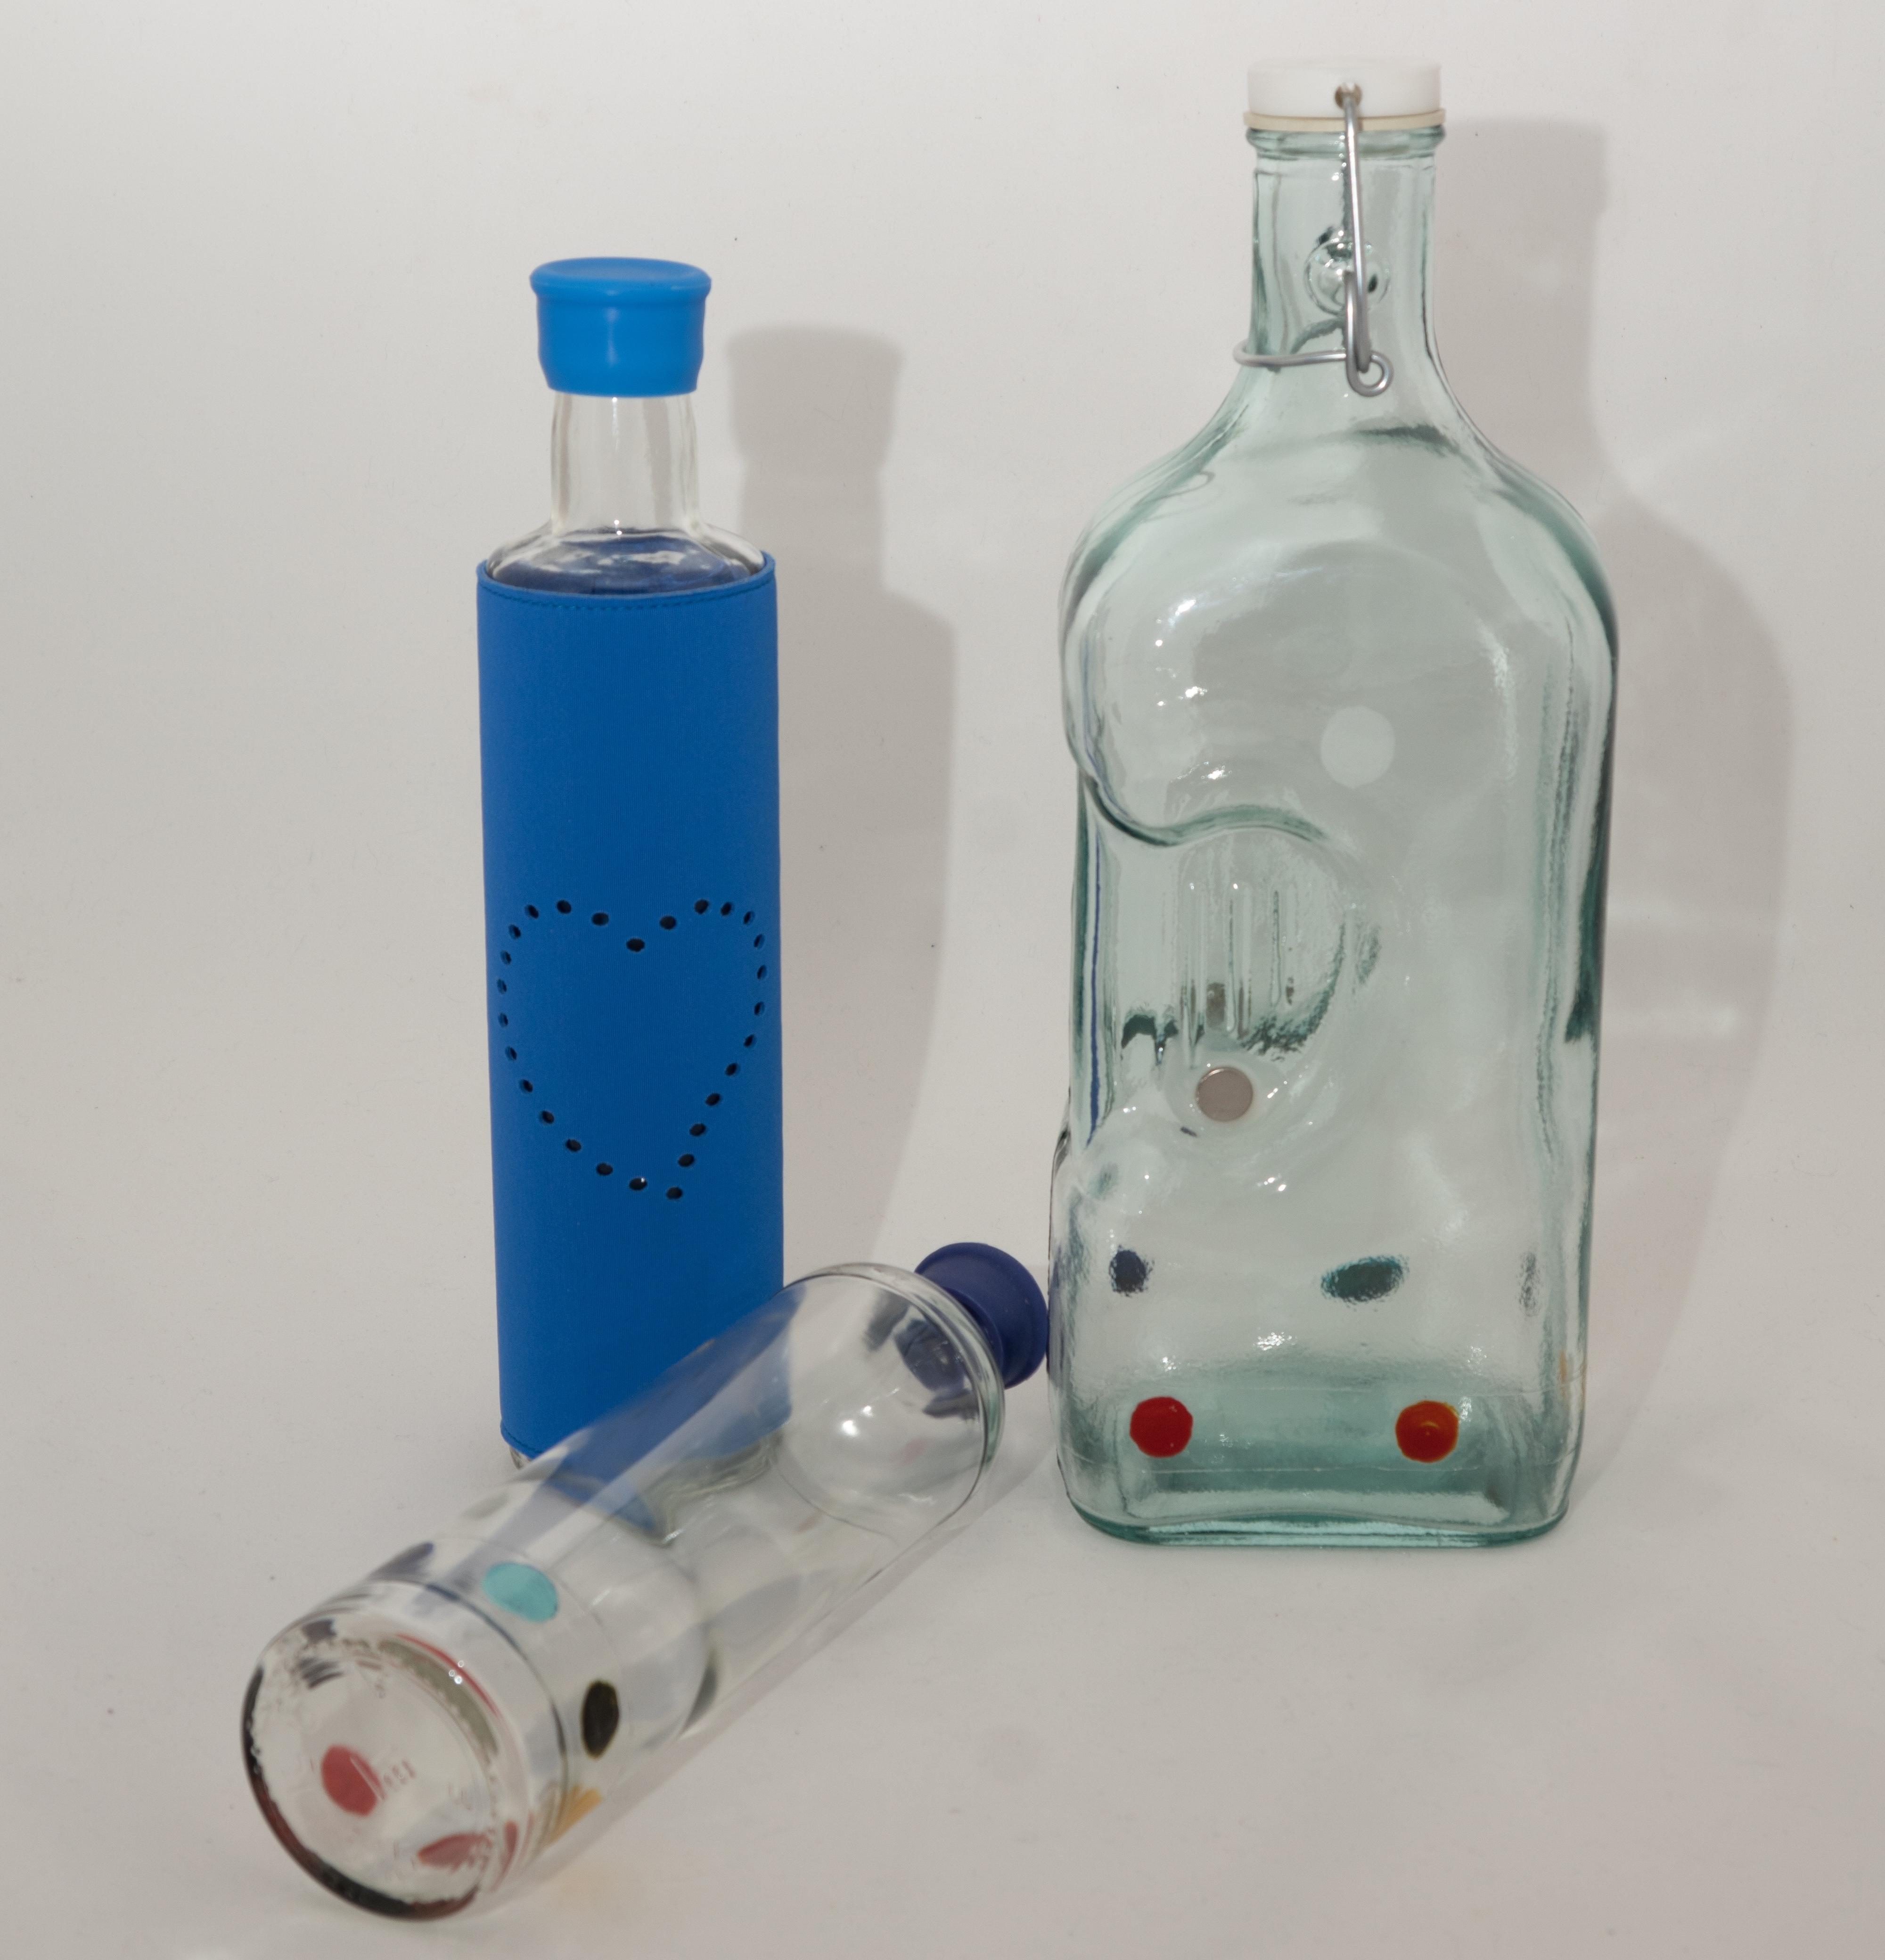 agua alcalina reiki programada